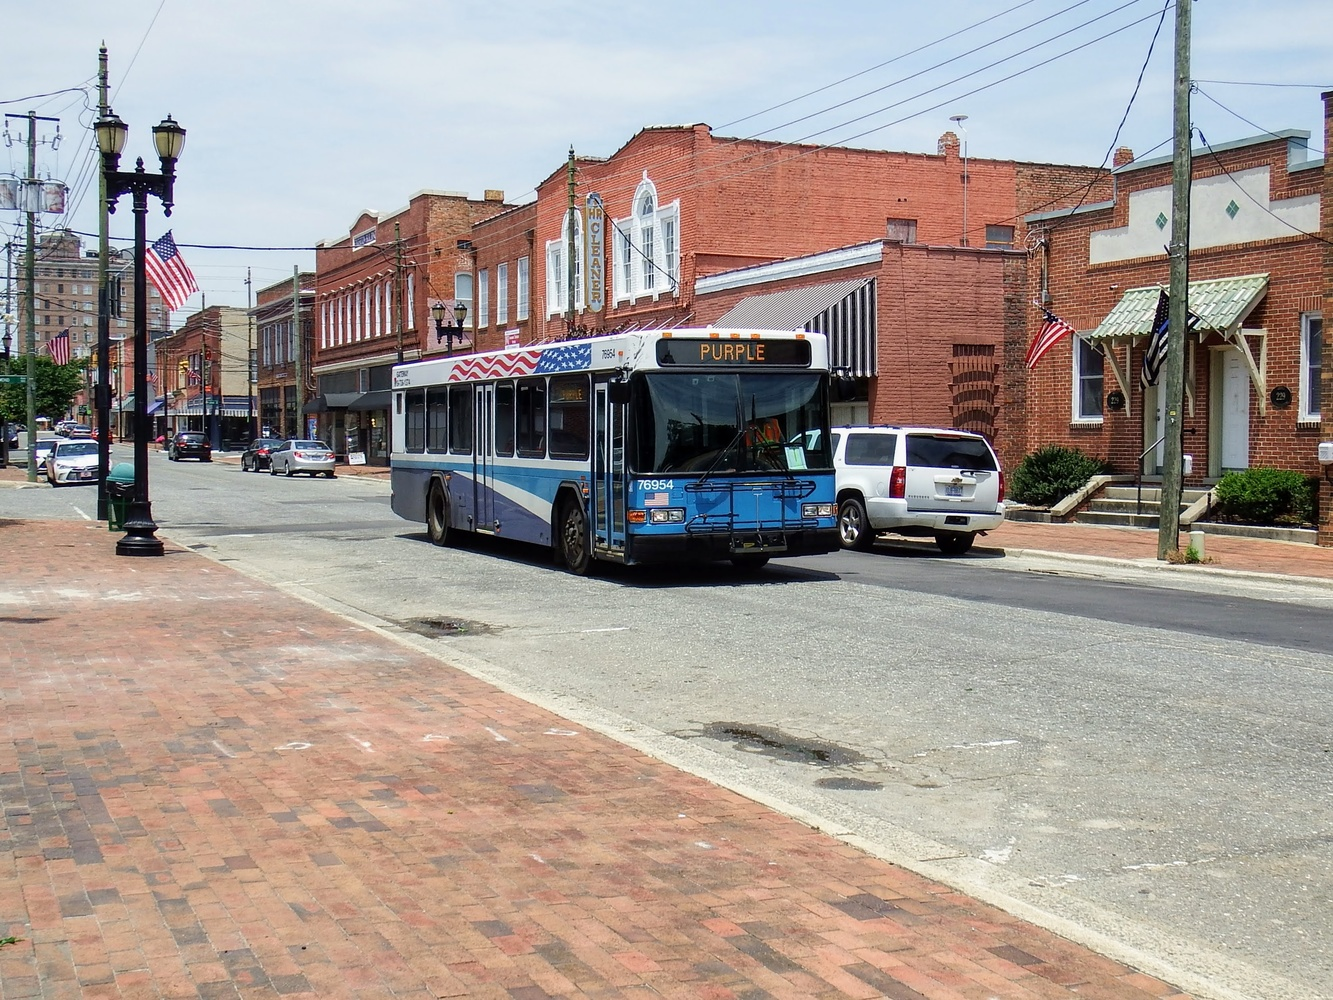 Public Transportation by Michael Lewis